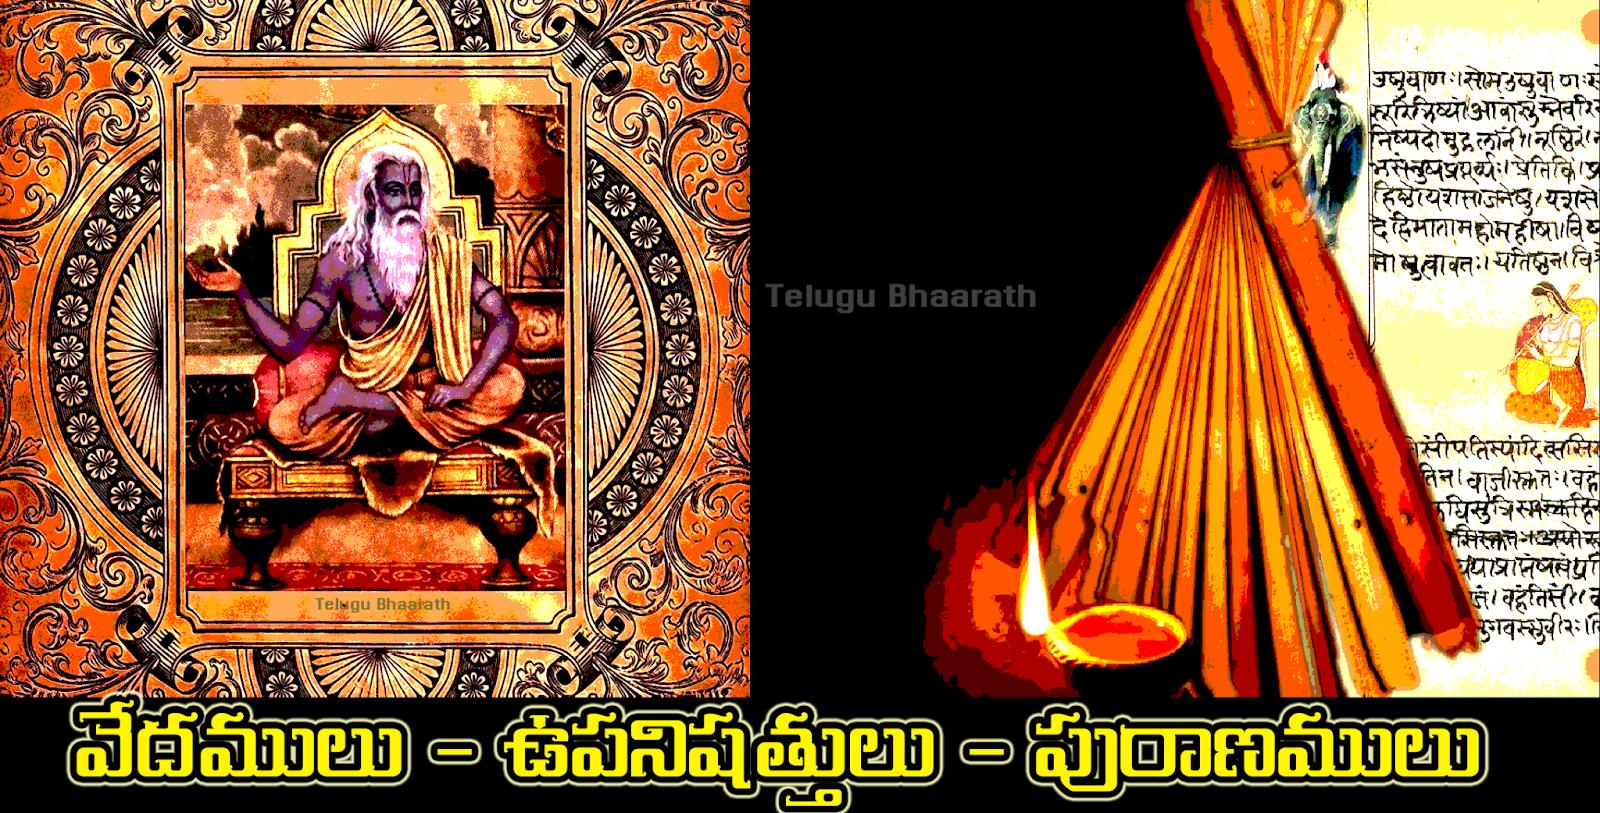 వేదములు - ఉపనిషత్తులు - పురాణములు - Vedamulu - Upanishattulu - Puranamulu